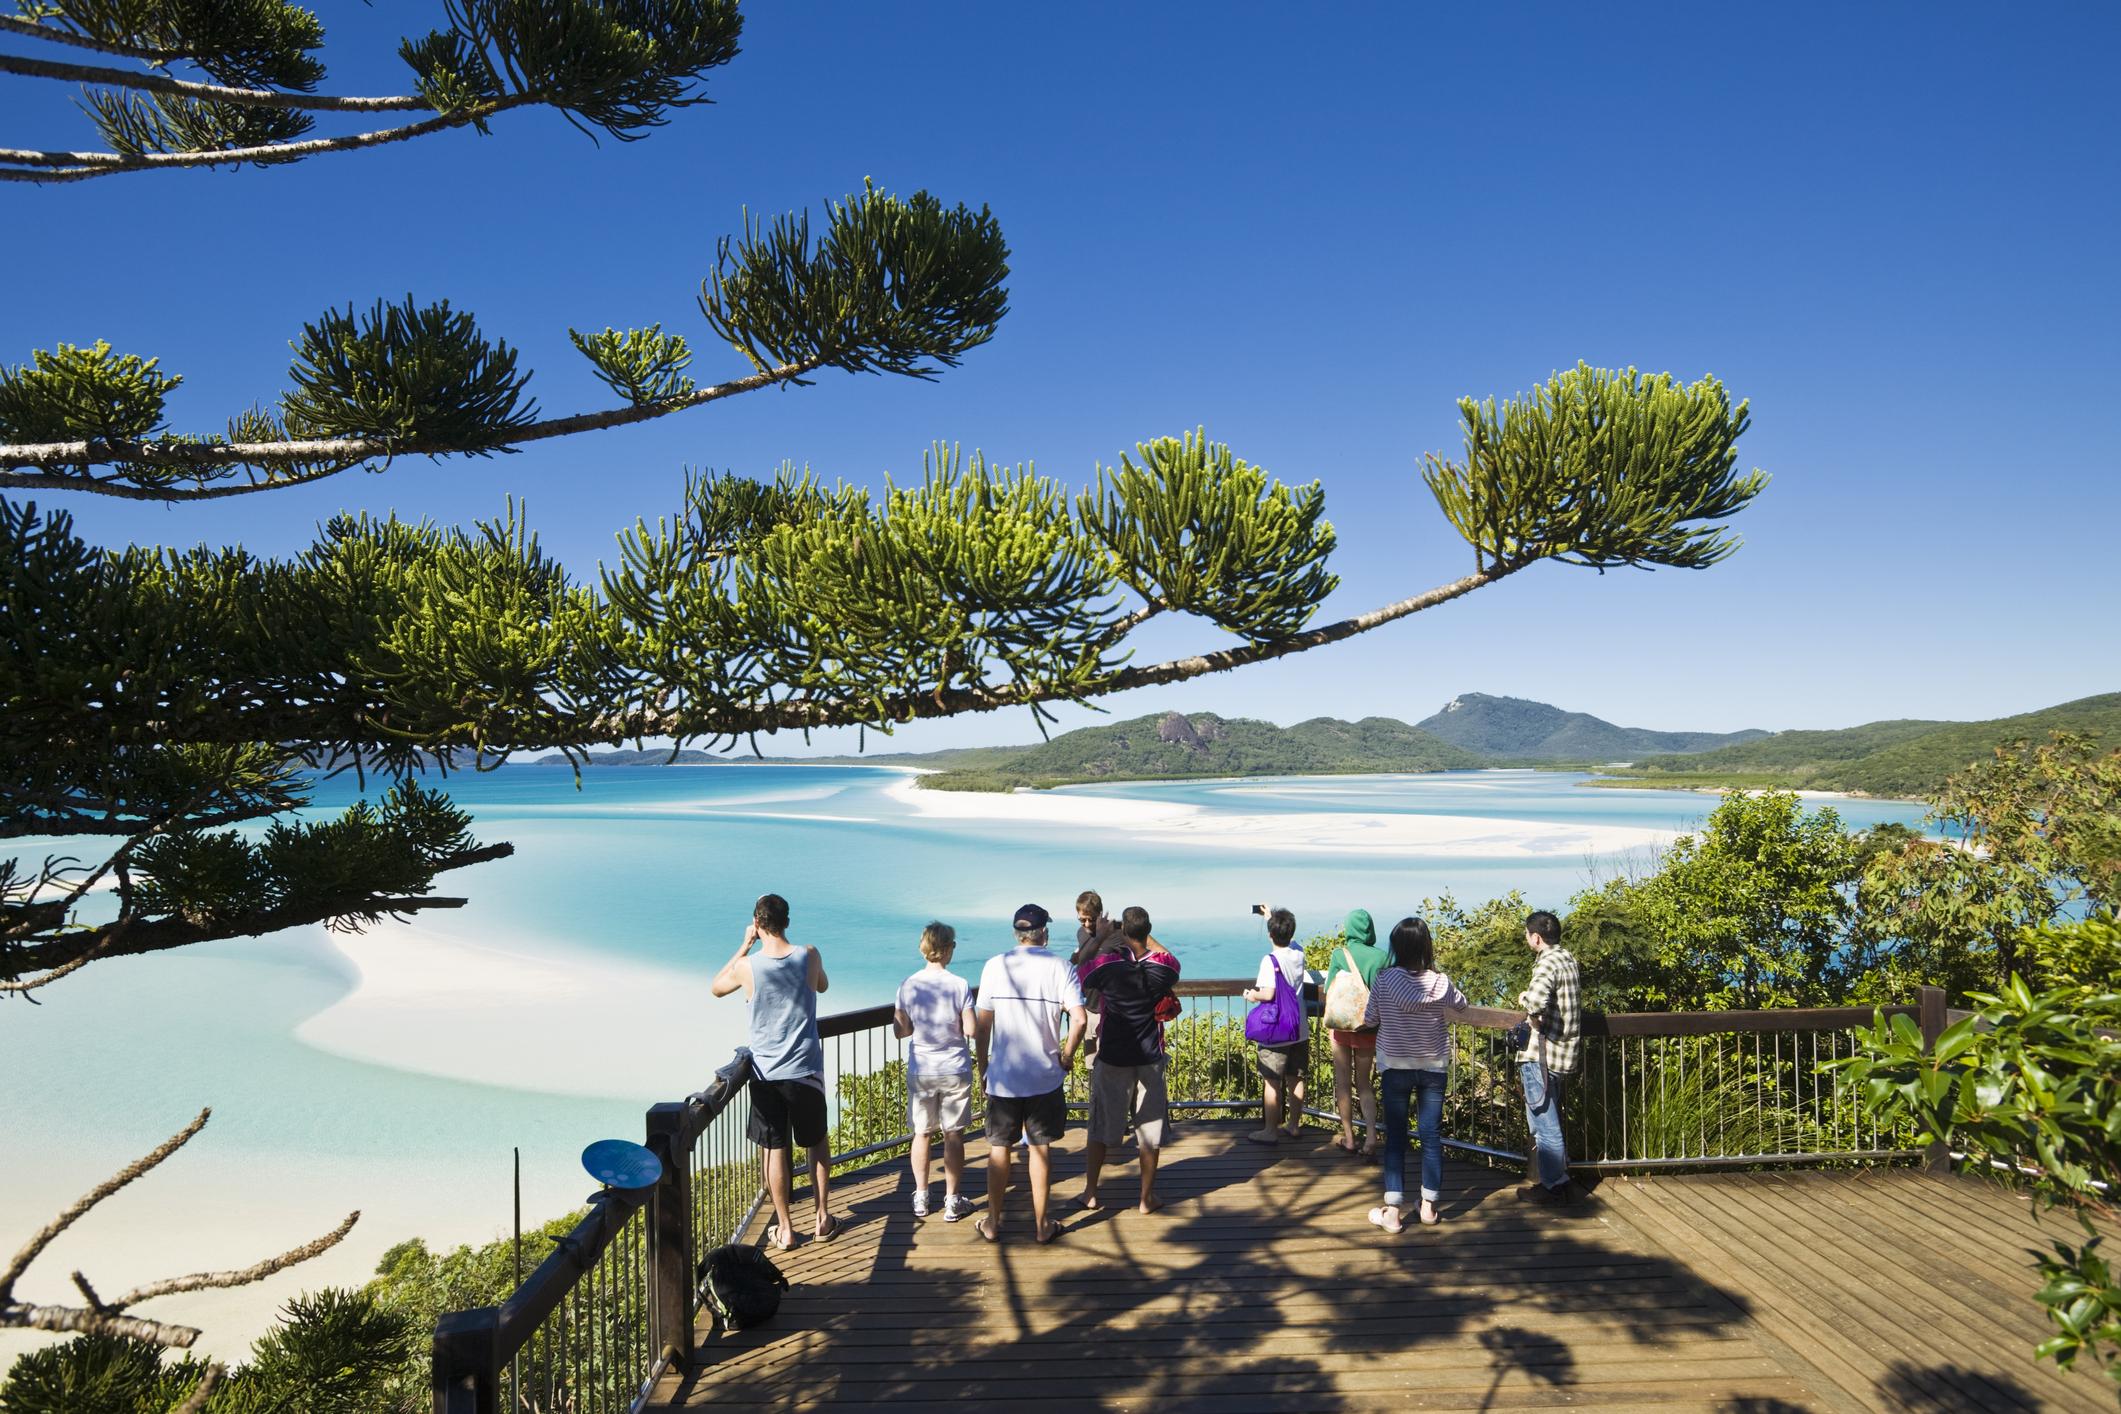 The Whitsundays: 10 reasons to visit Australia's paradise islands